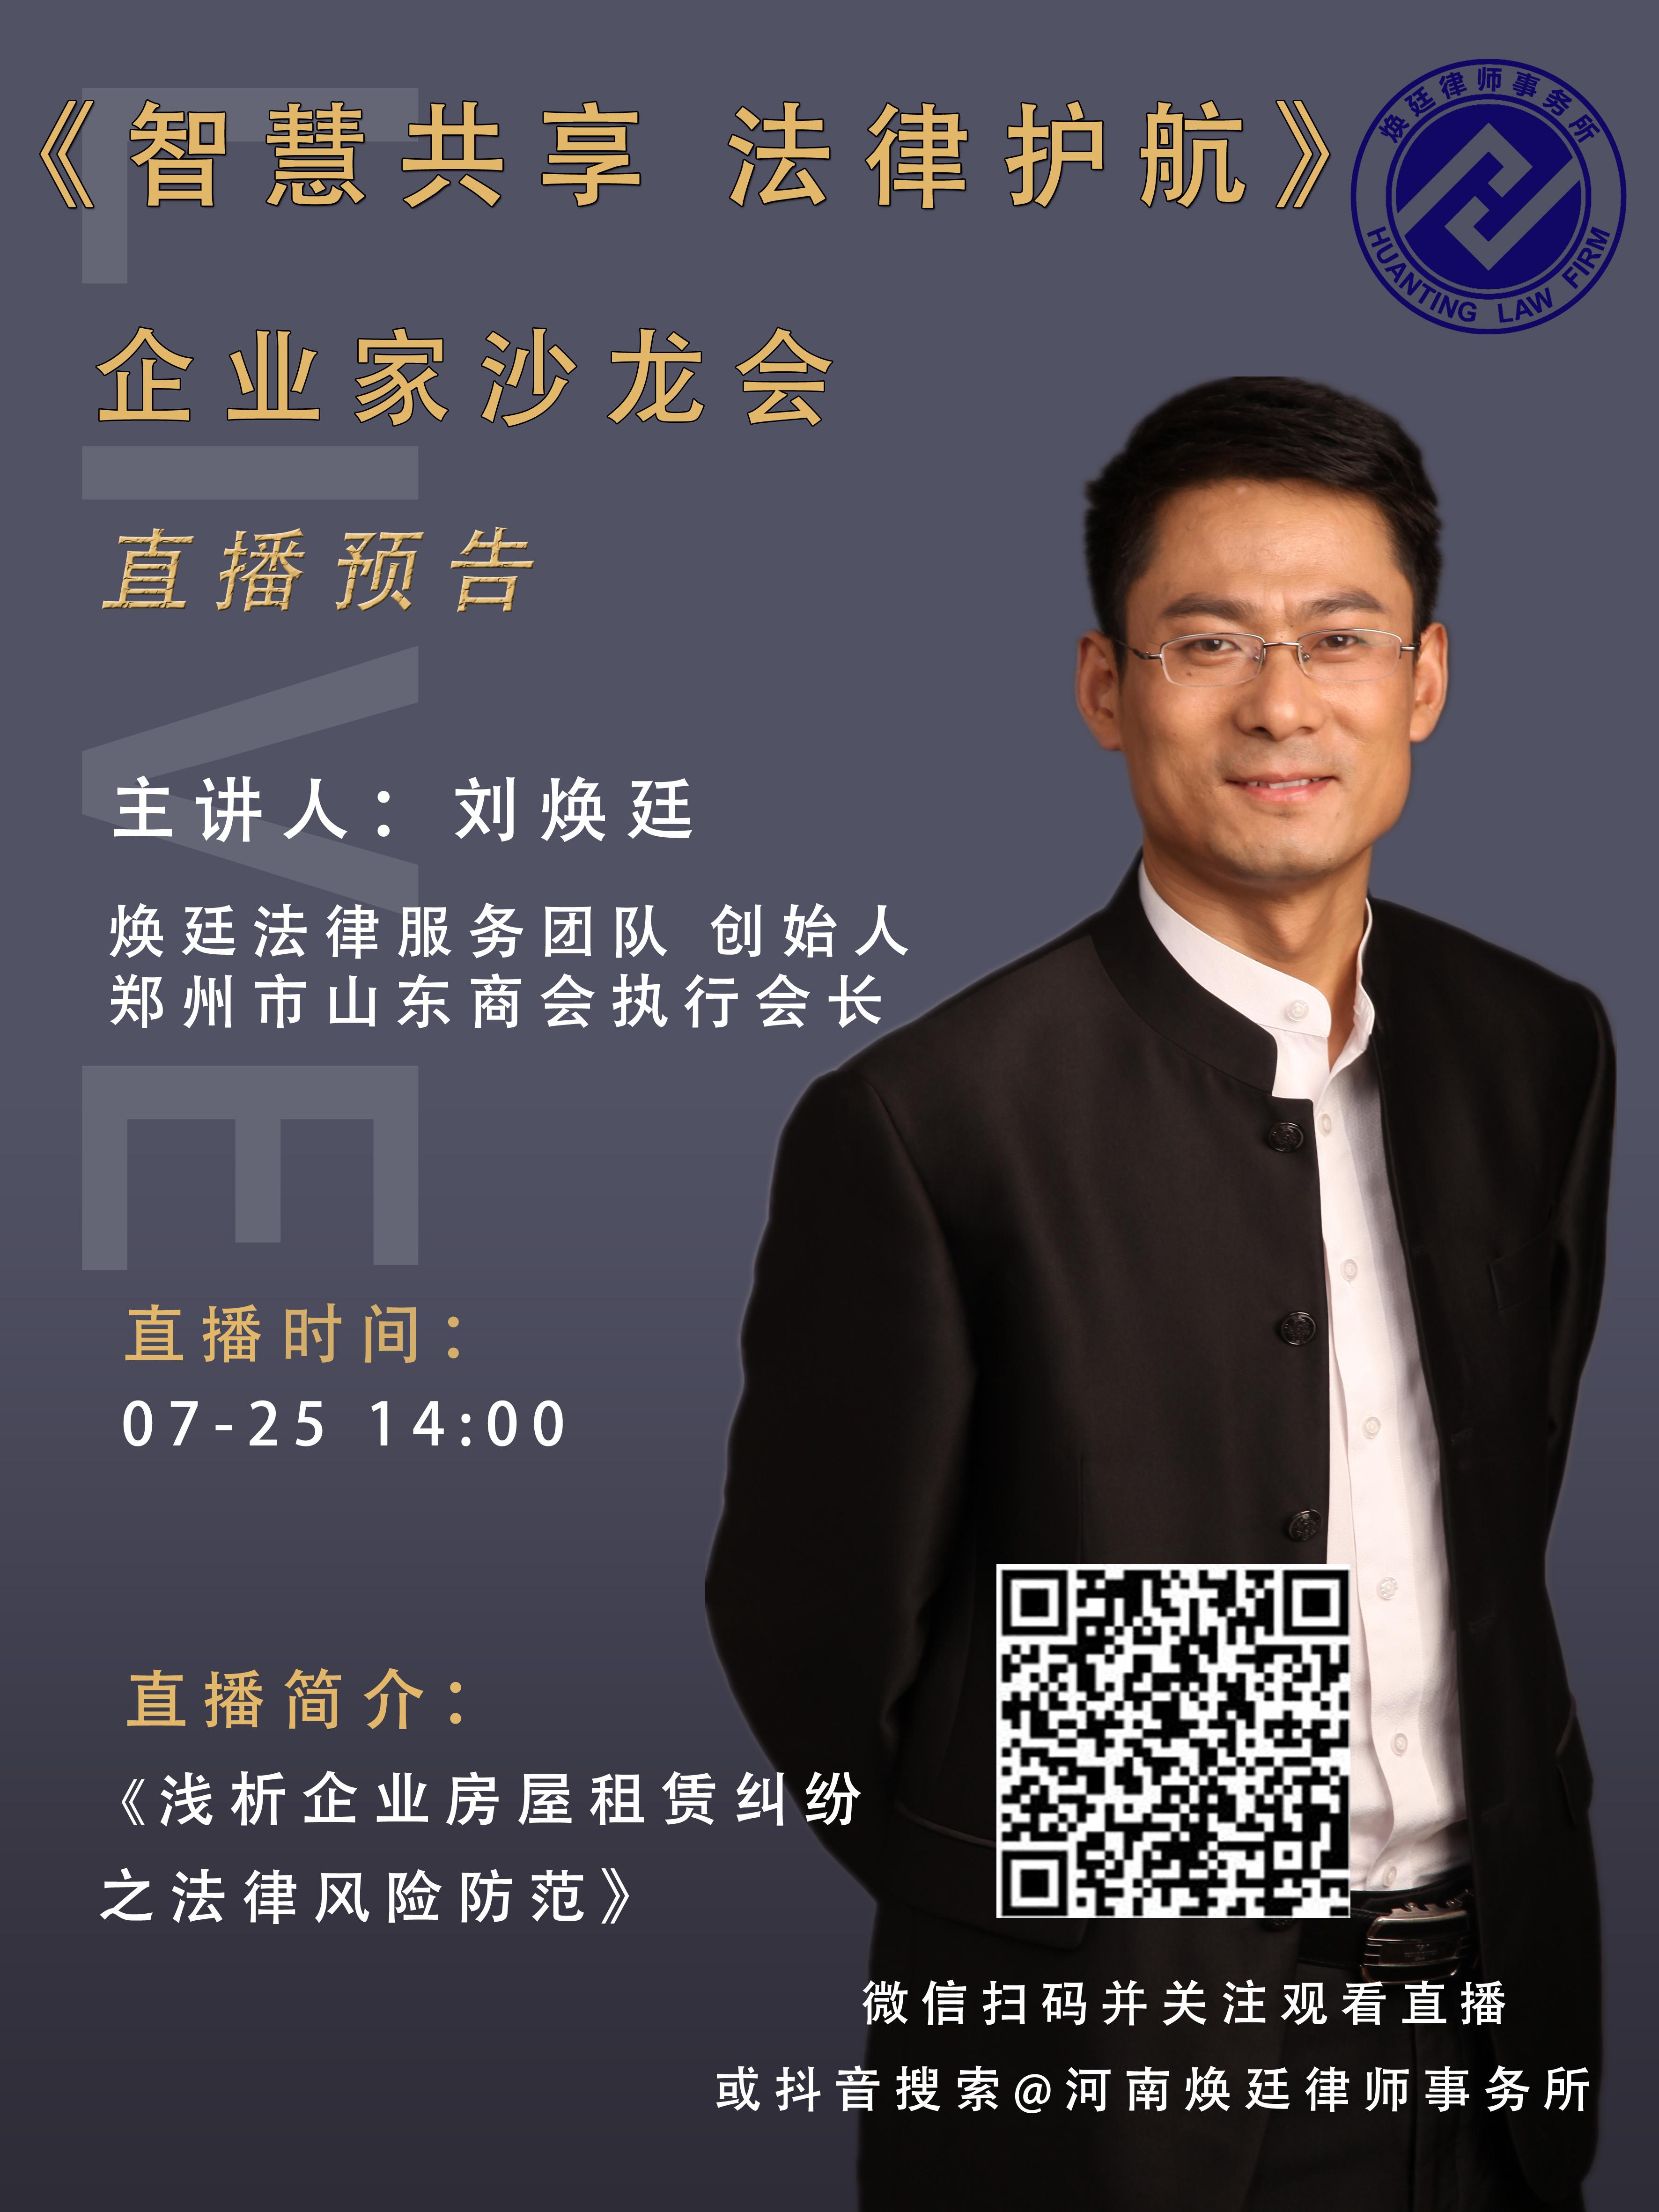 焕廷新闻|直播预告:7月25日14:00焕廷法律服务集团《智慧共享 法律护航》第十三期企业家沙龙会开播了